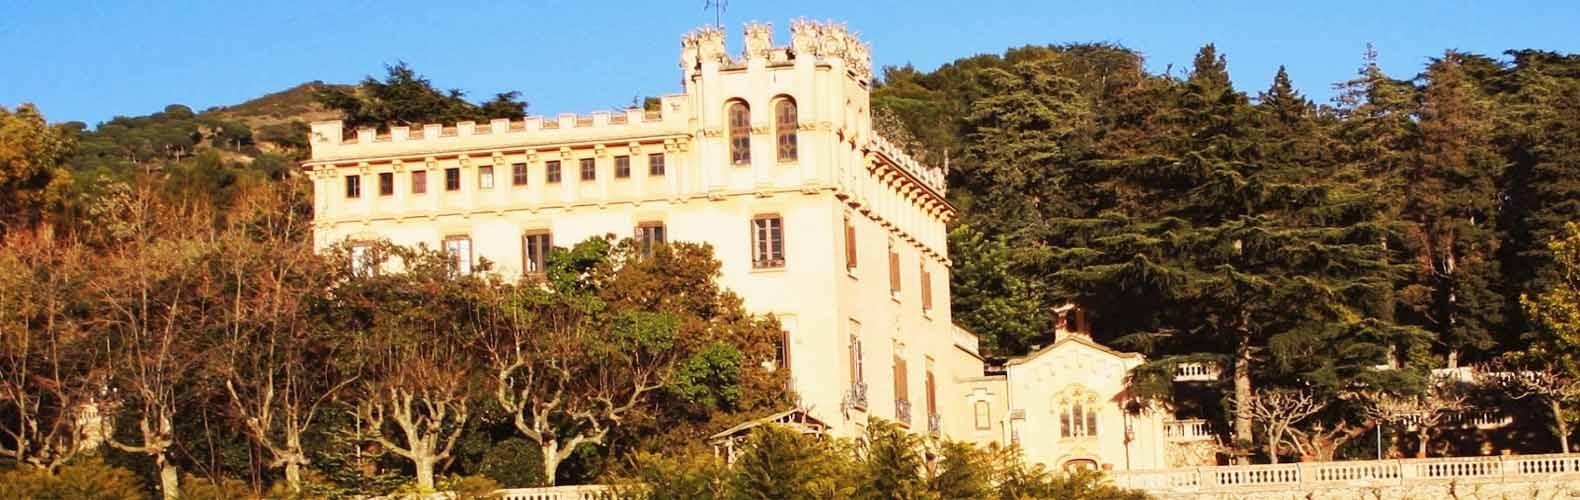 Casas en venta en Teia en el Maresme